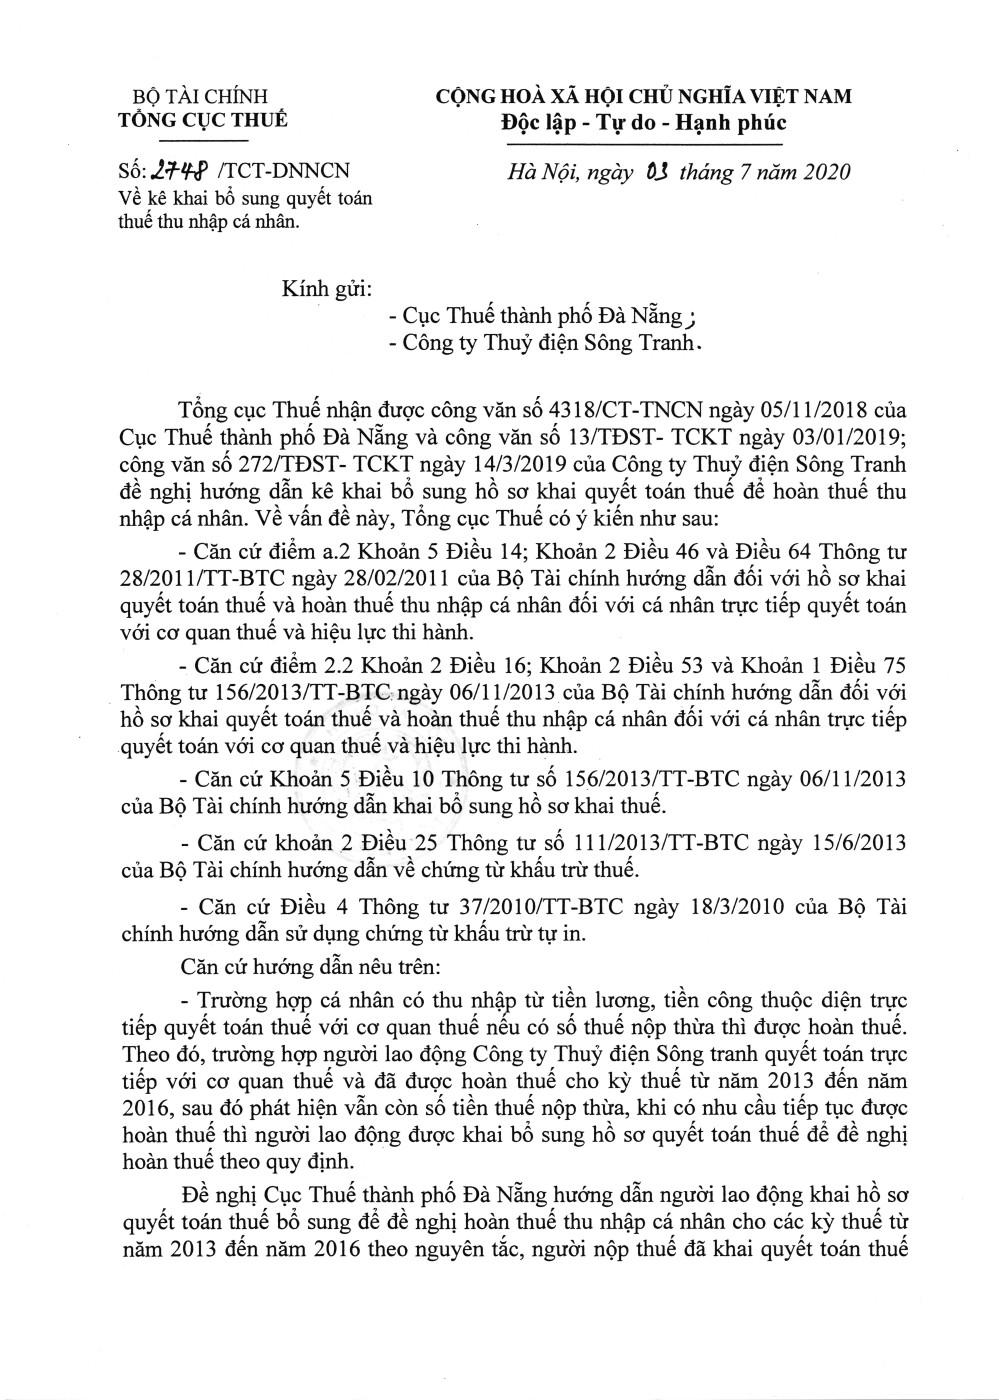 Công văn số 2748/TCT-DNNCN của Tổng cục Thuế ngày 03/07/2020 v/v kê khai bổ sung quyết toán thuế TNCN